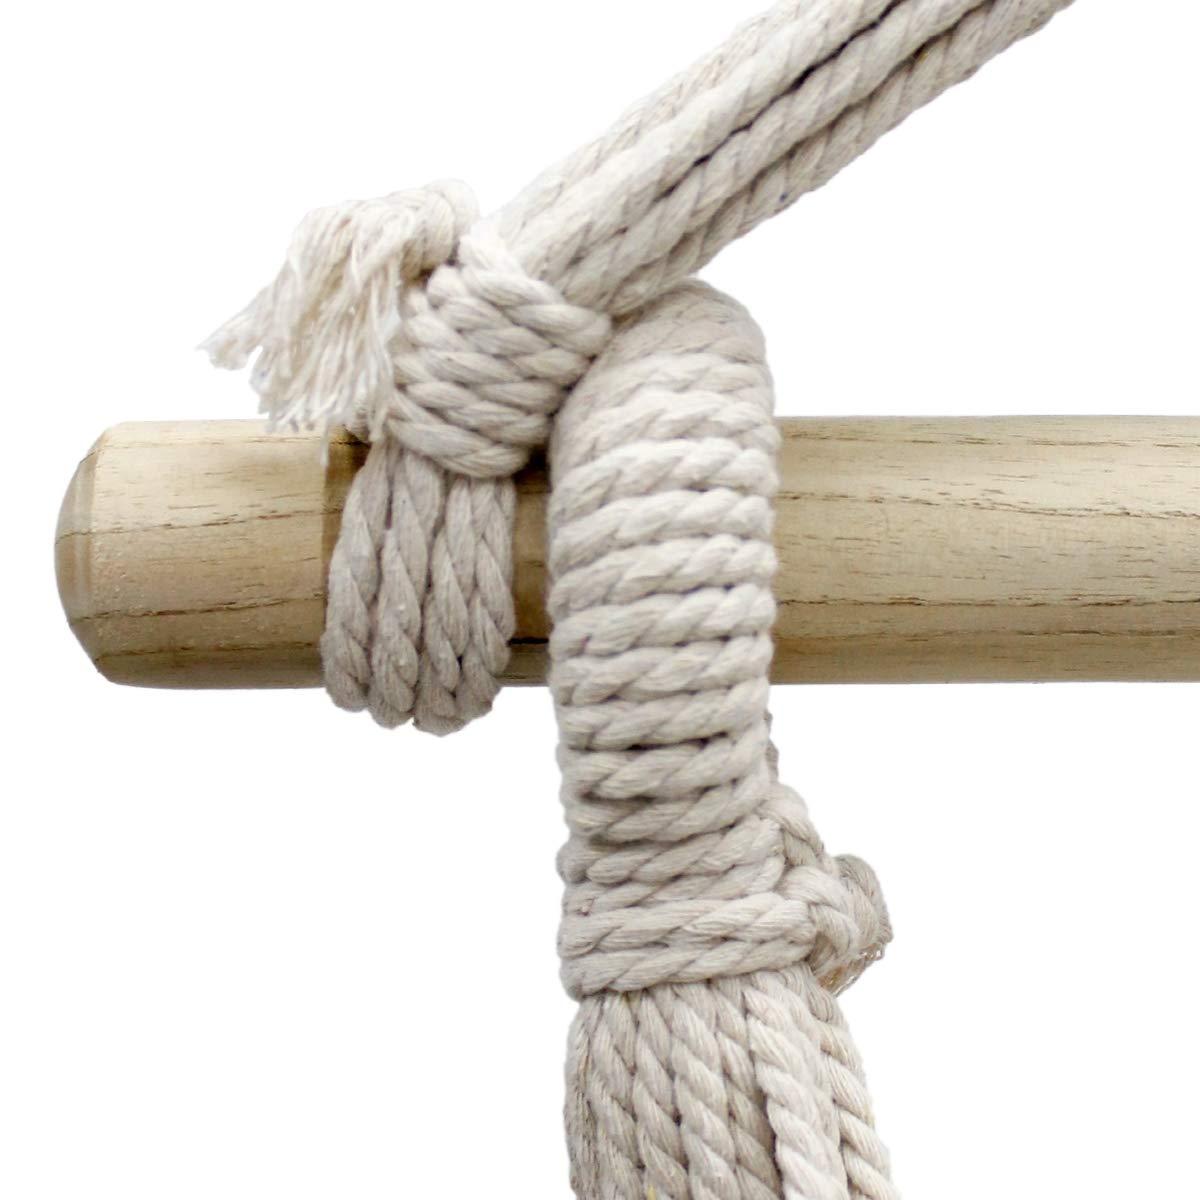 en coton//bois dur avec 2 coussins jusqu/à 120 kg Int/érieur et ext/érieur Hamac suspendu Rouge//Vert//Jaune ECD Germany Fauteuil suspendu